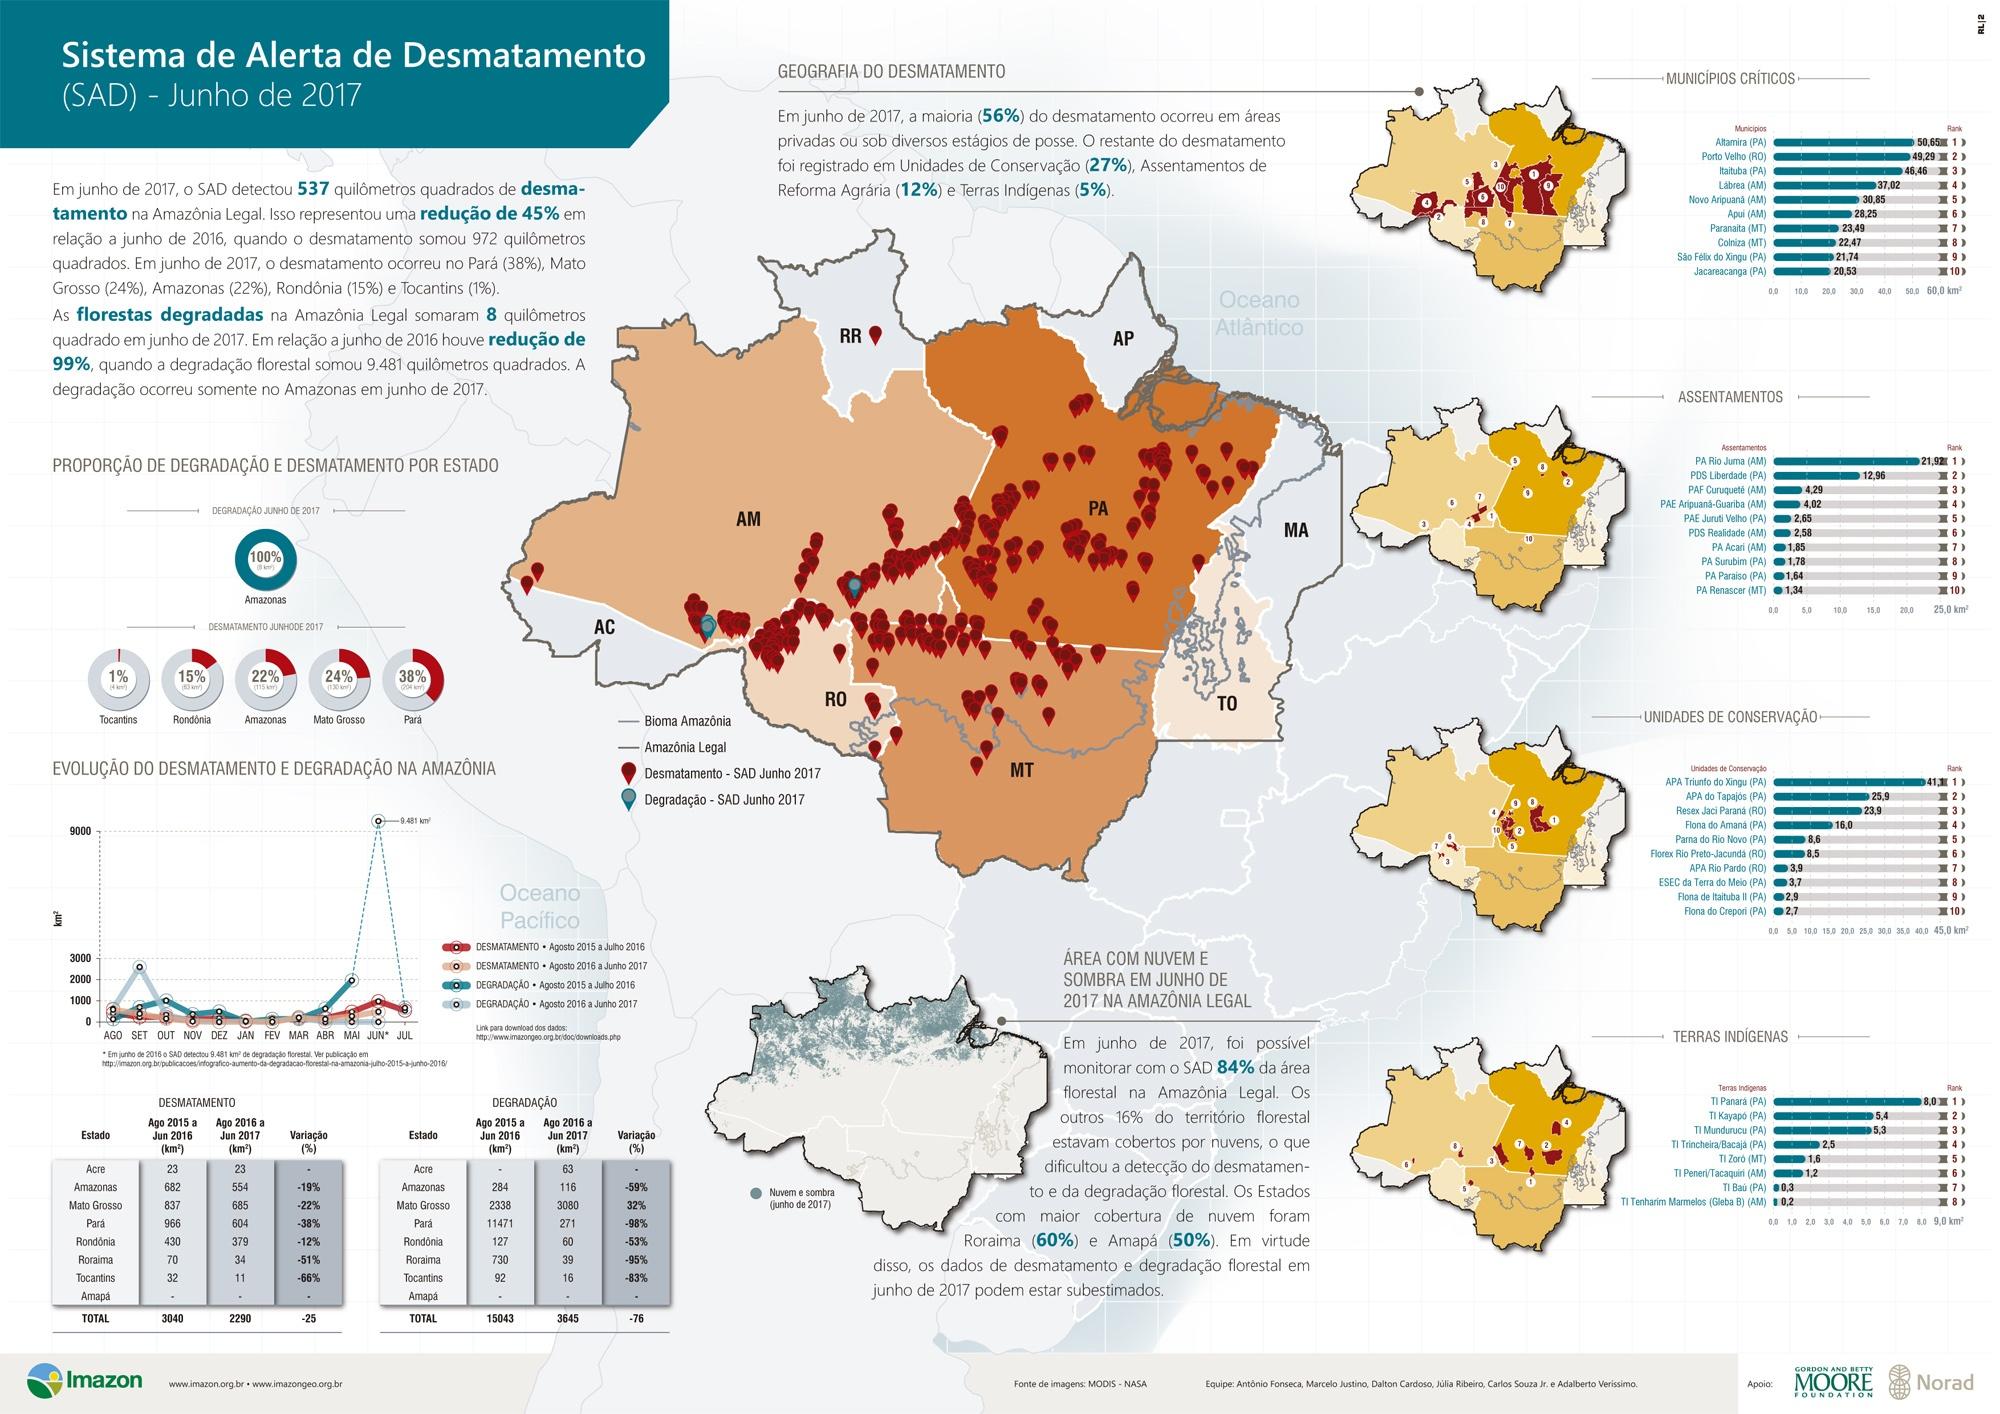 SAD junho 2017 - Boletim do desmatamento da Amazônia Legal (junho 2017) SAD